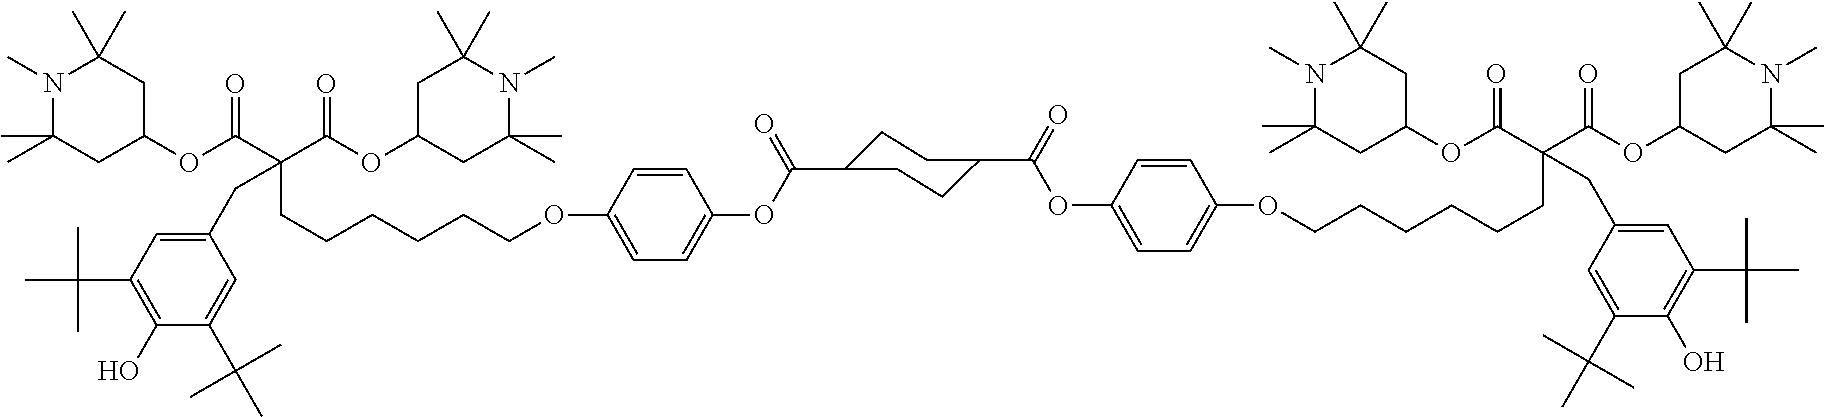 Figure US08431039-20130430-C00045